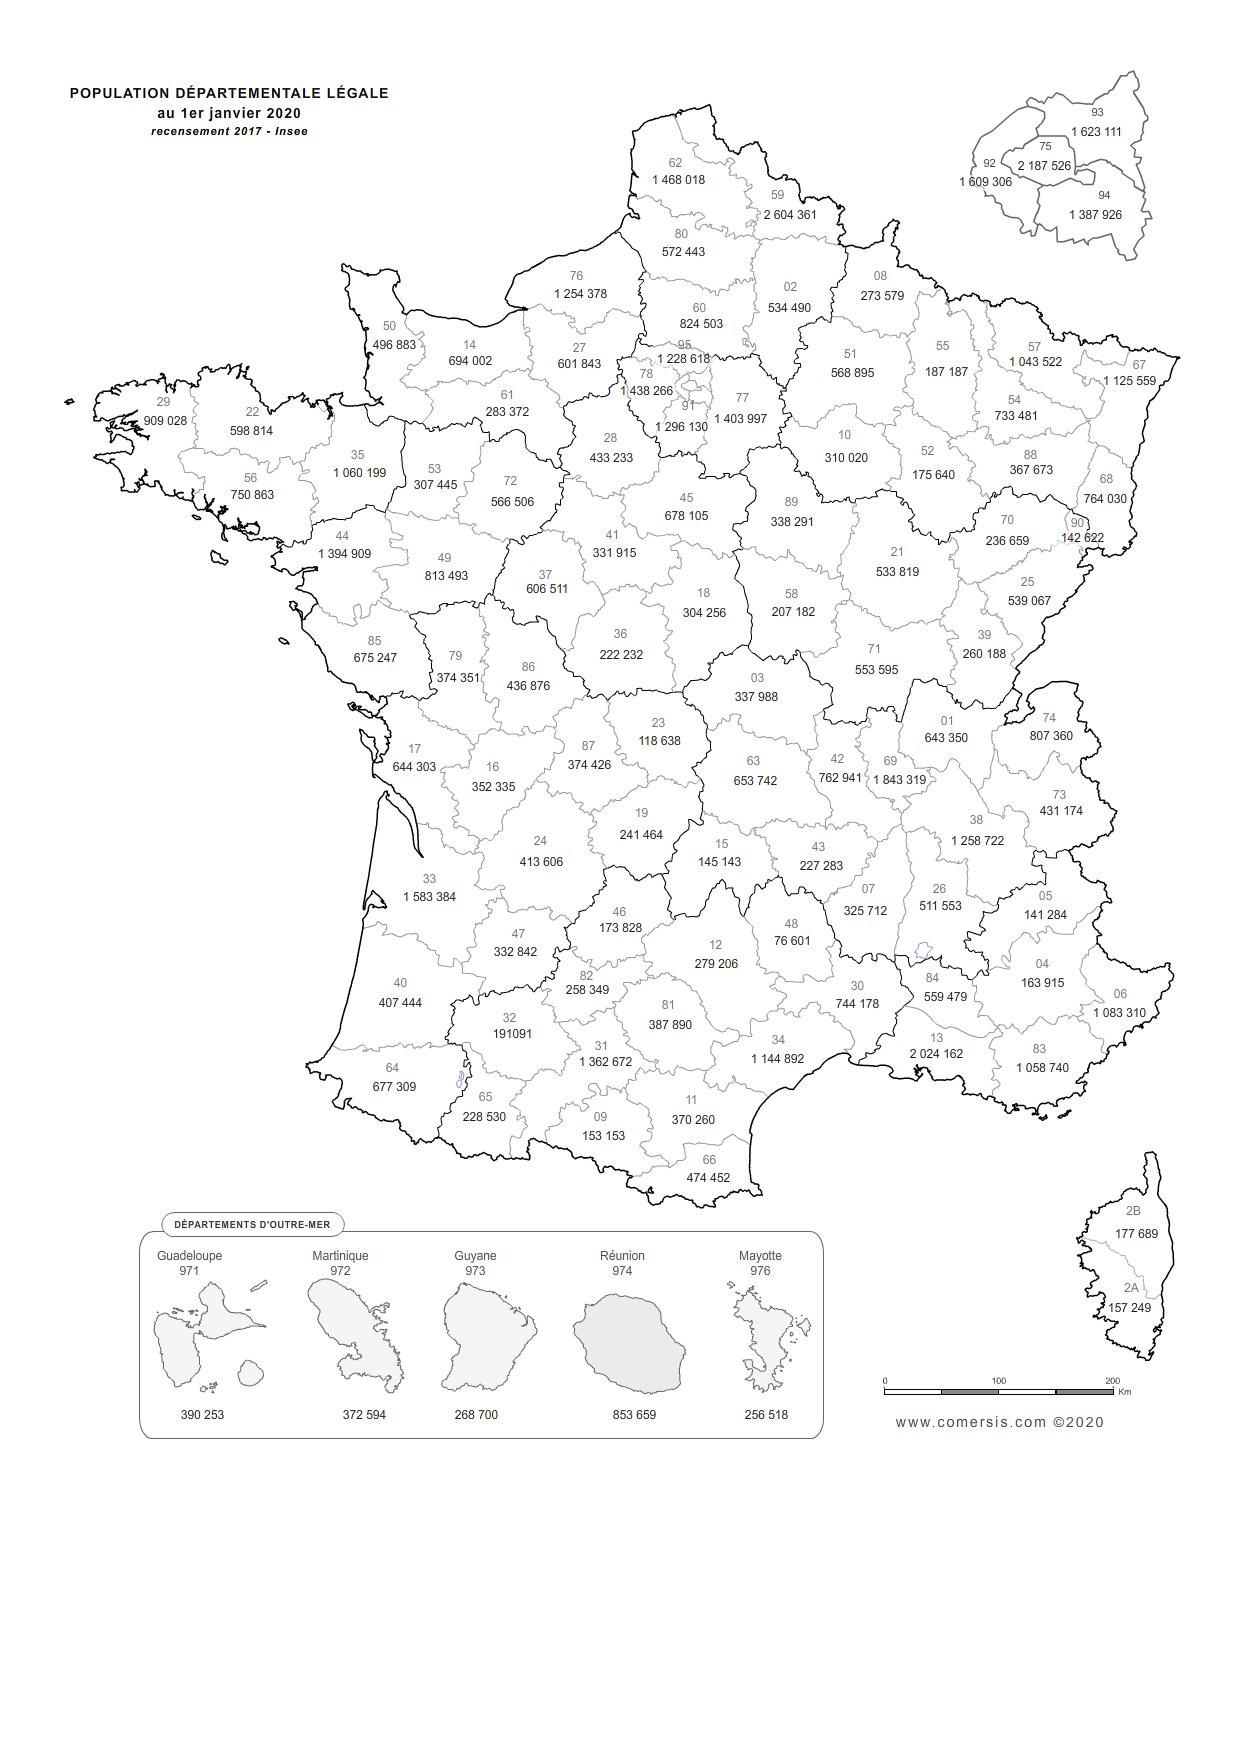 Carte de la population départementale de France 2020